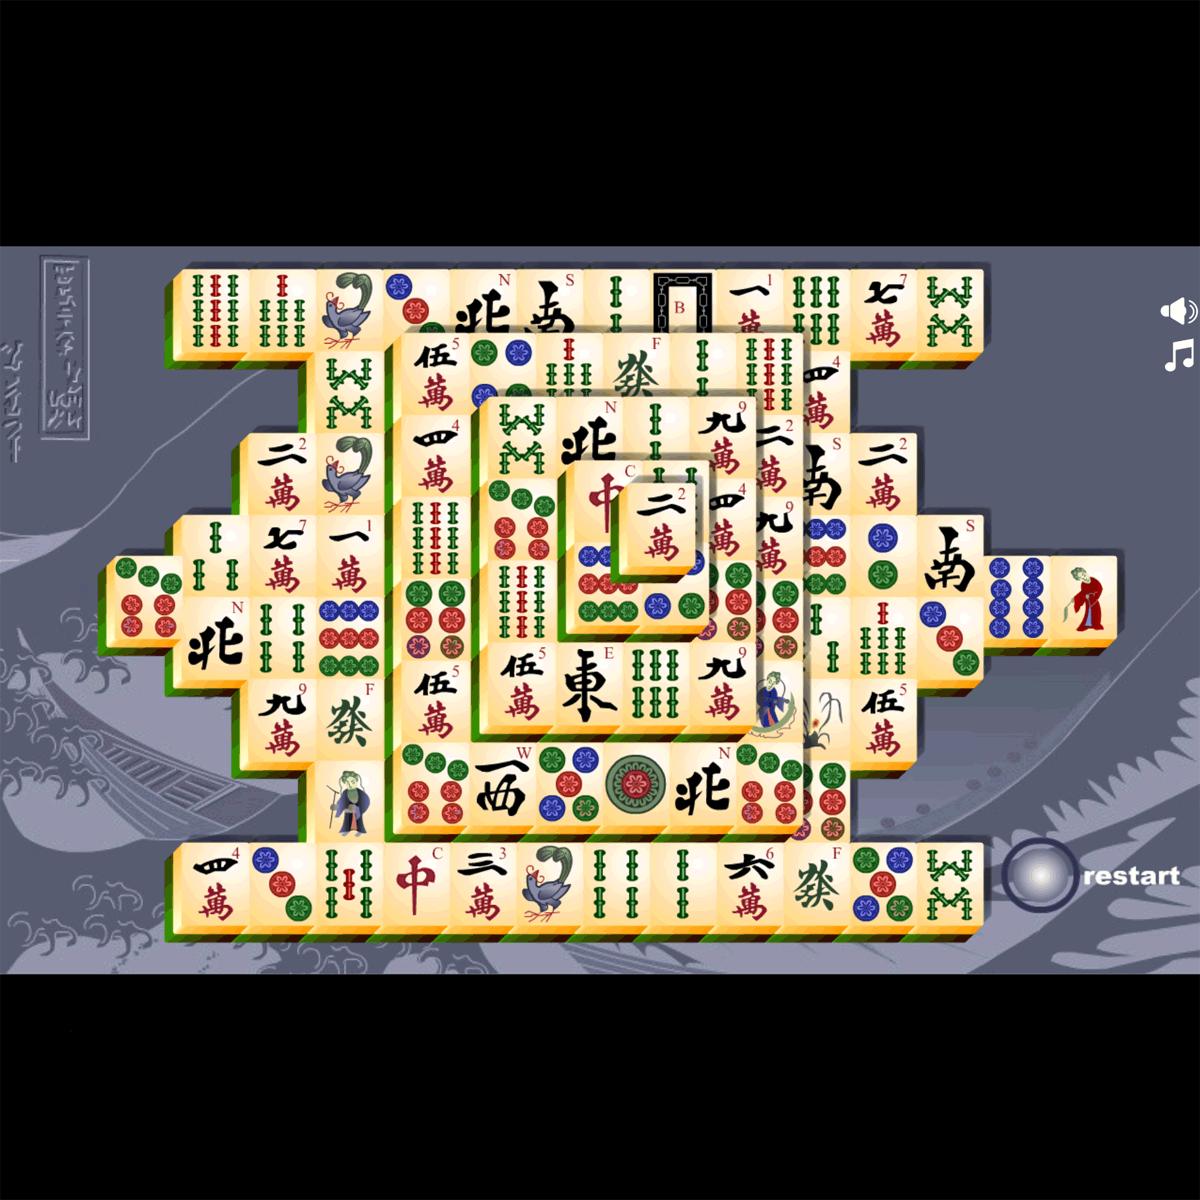 Mahjong Spiele Gratis